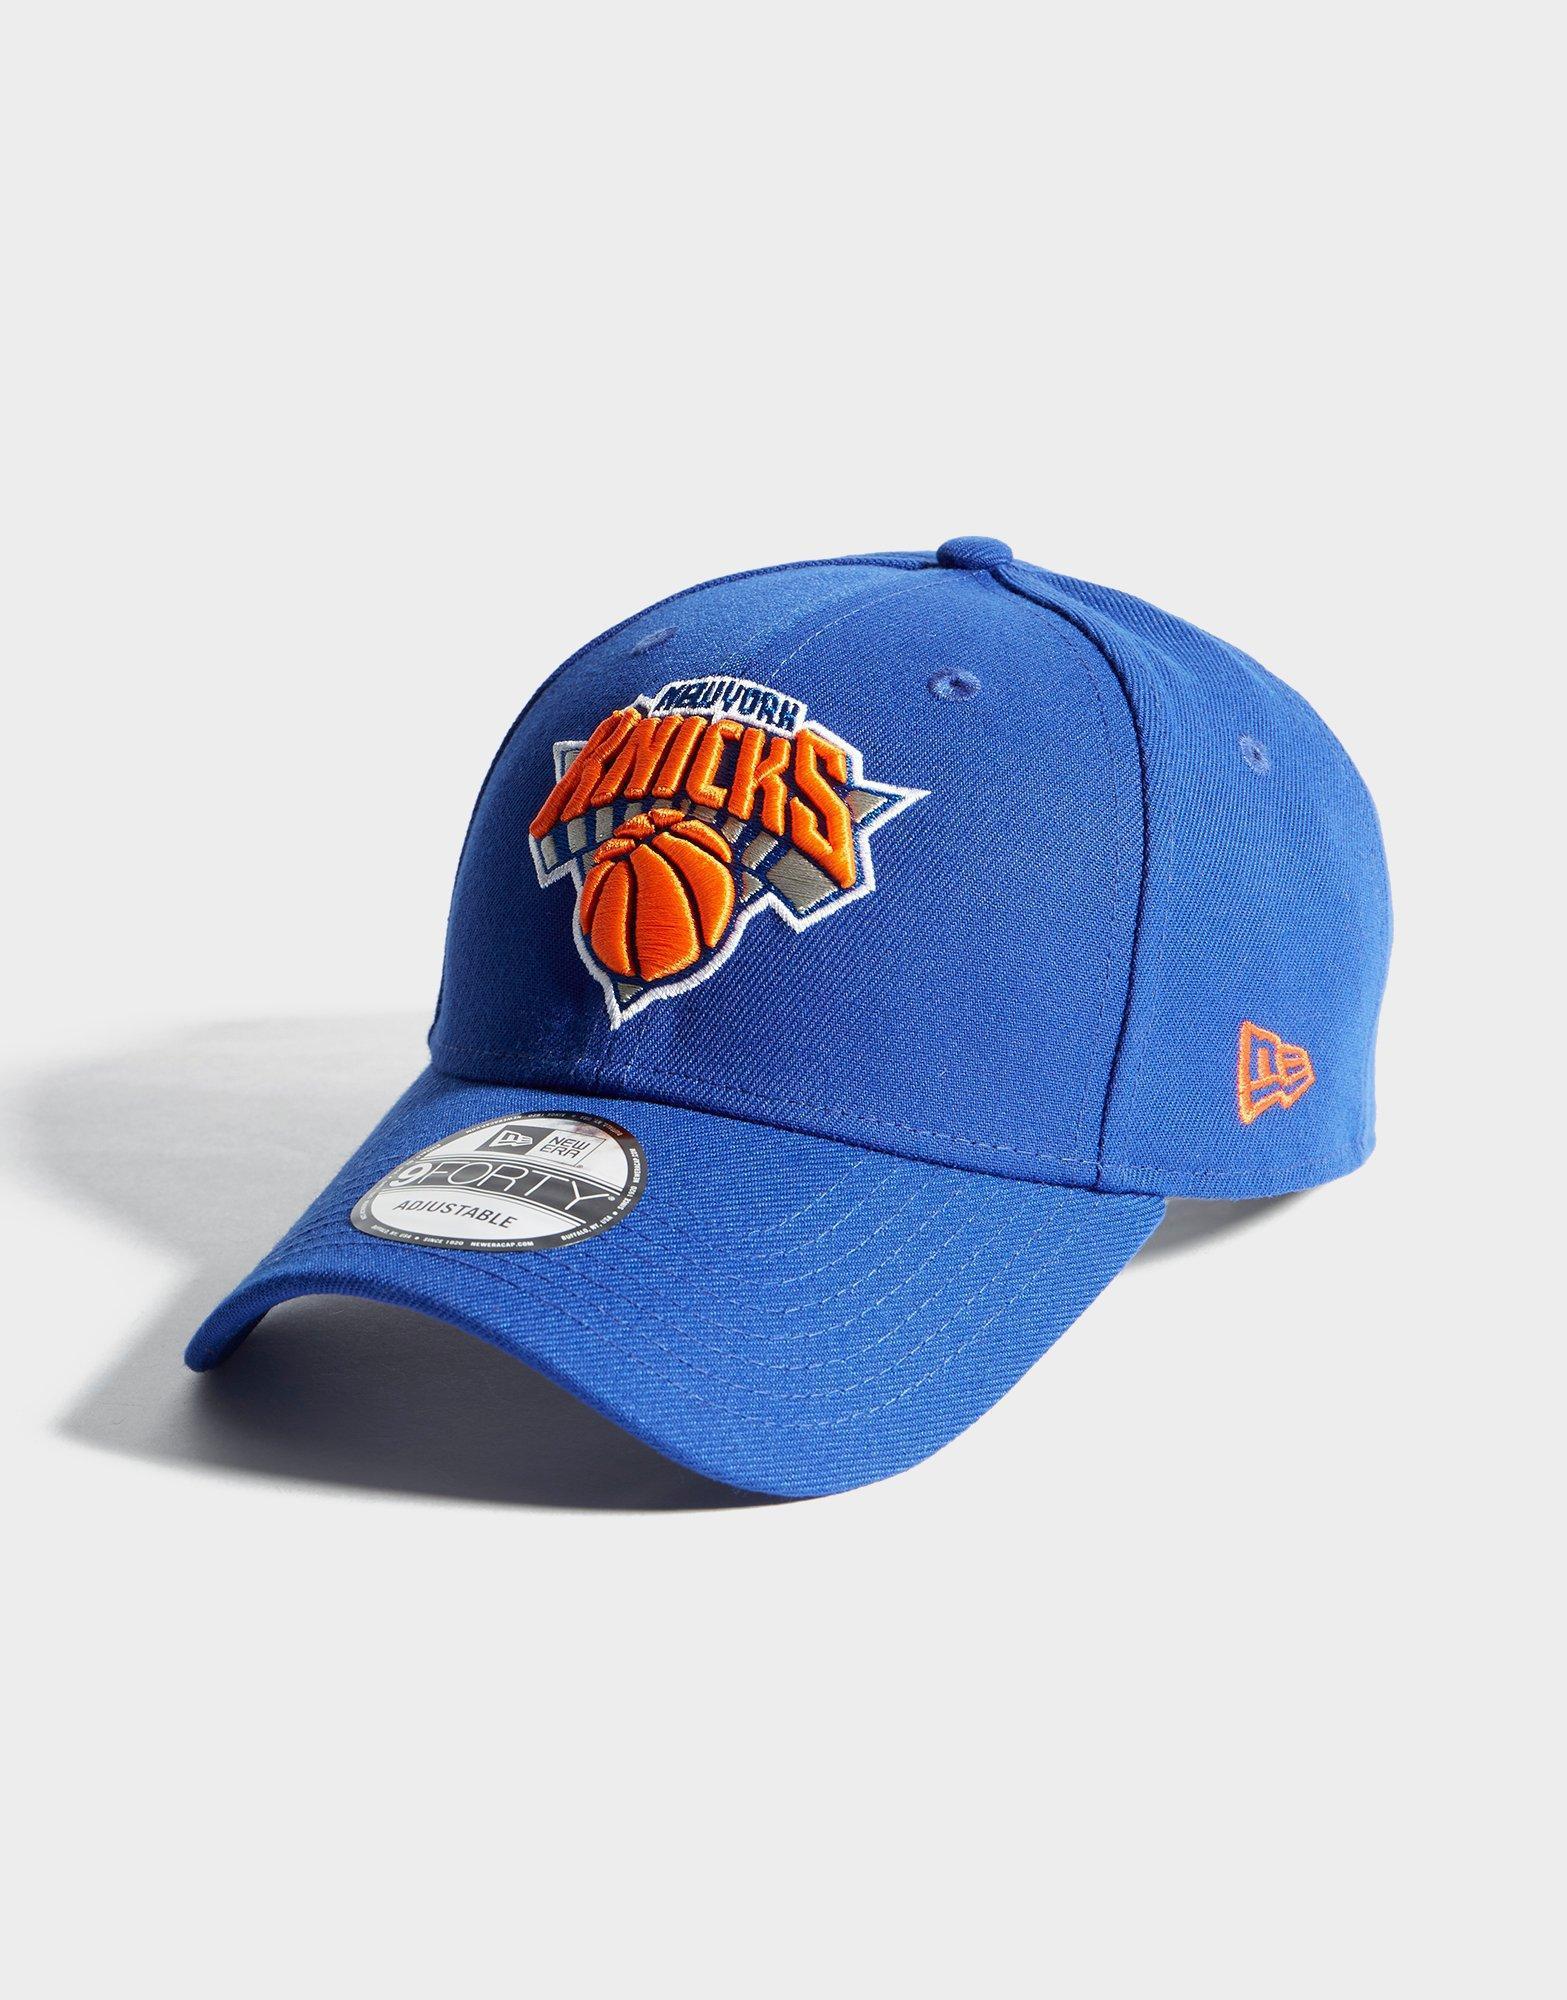 06ced43066e Lyst - Ktz Nba New York Knicks 9forty Cap in Blue for Men